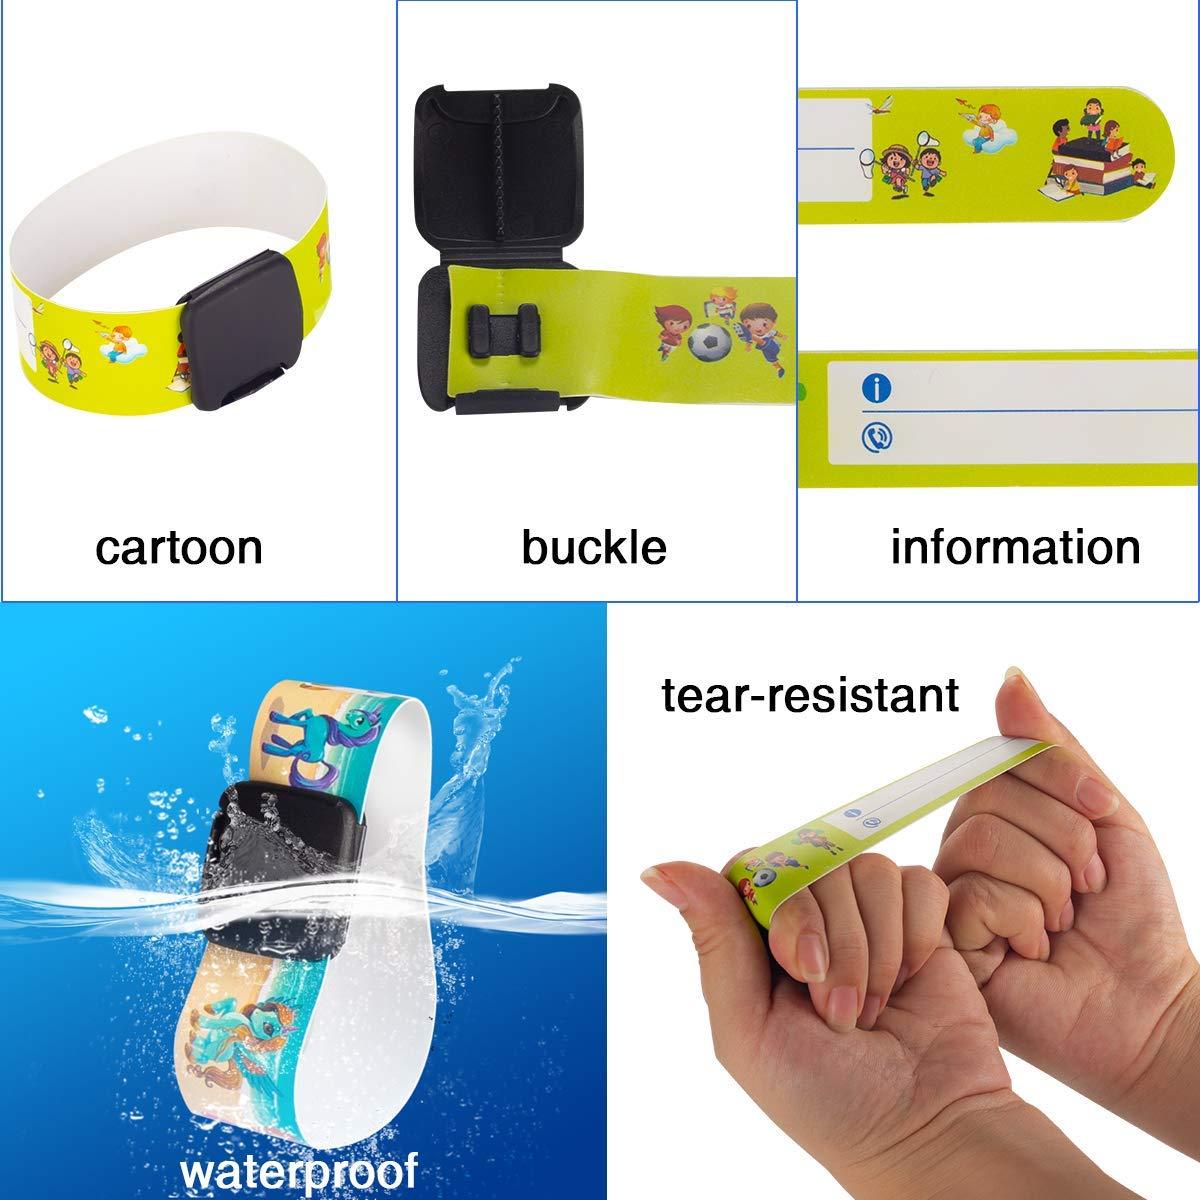 Luchild Pulsera Seguridad Ni/ños Infoband Pulseras Identificacion Bebe ID Pulsera de Emergencia Resistentes Reutilizables